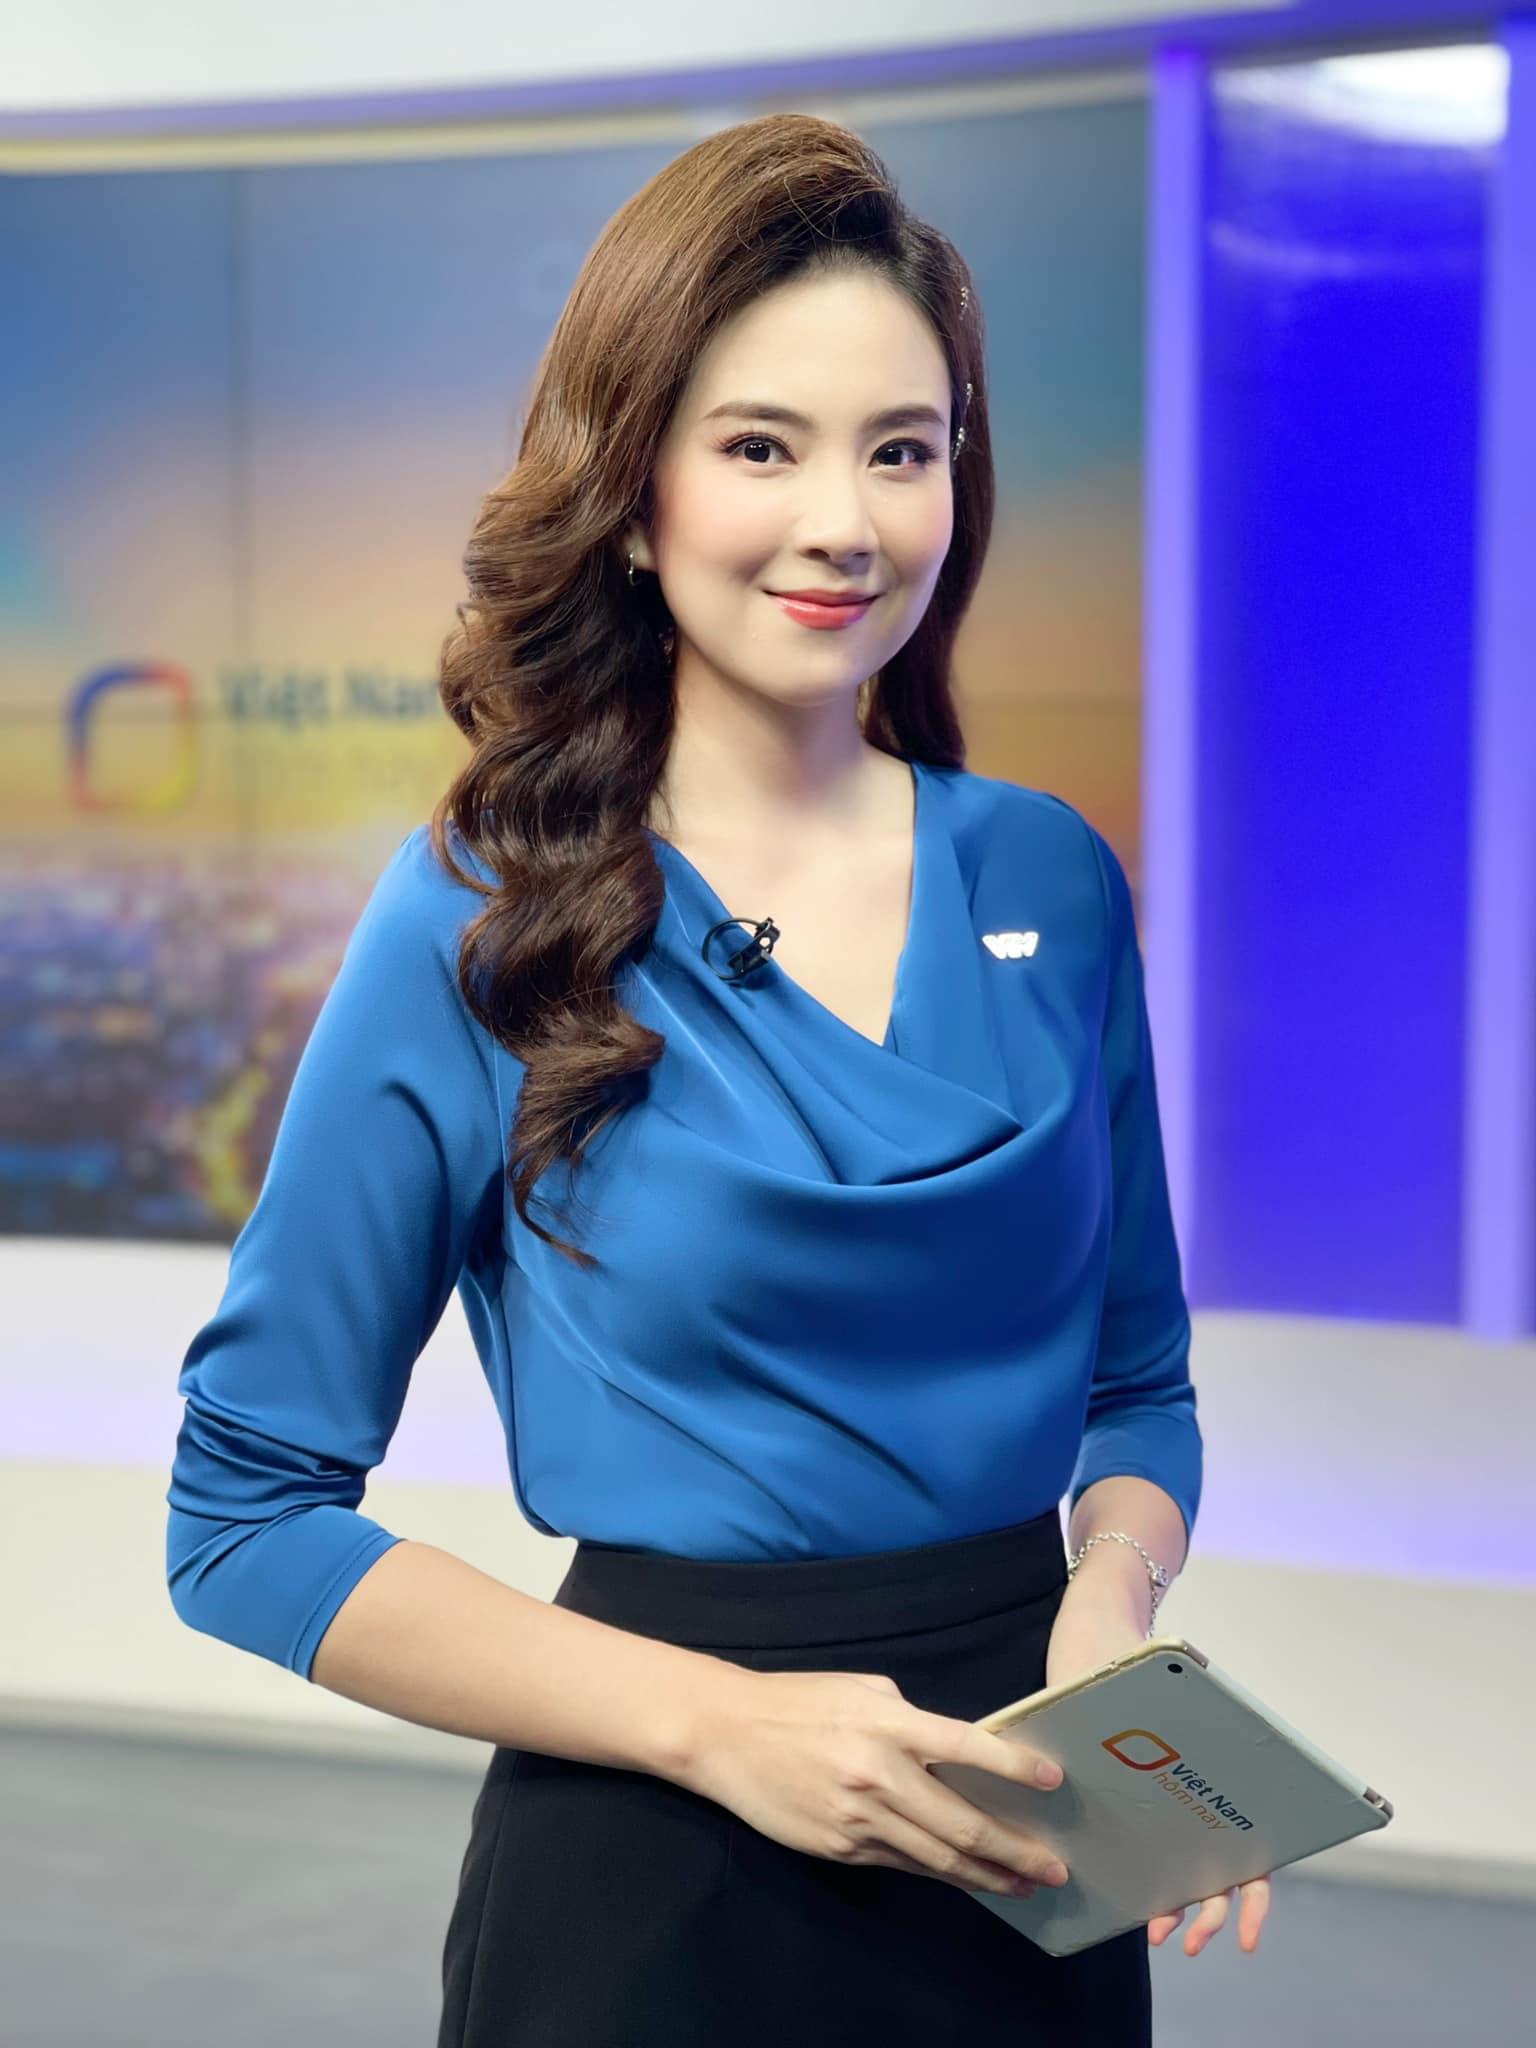 Mai Ngọc VTV phá bỏ hình mẫu nữ BTV 'kín cổng cao tường', khoe sắc vóc nuột nà 4